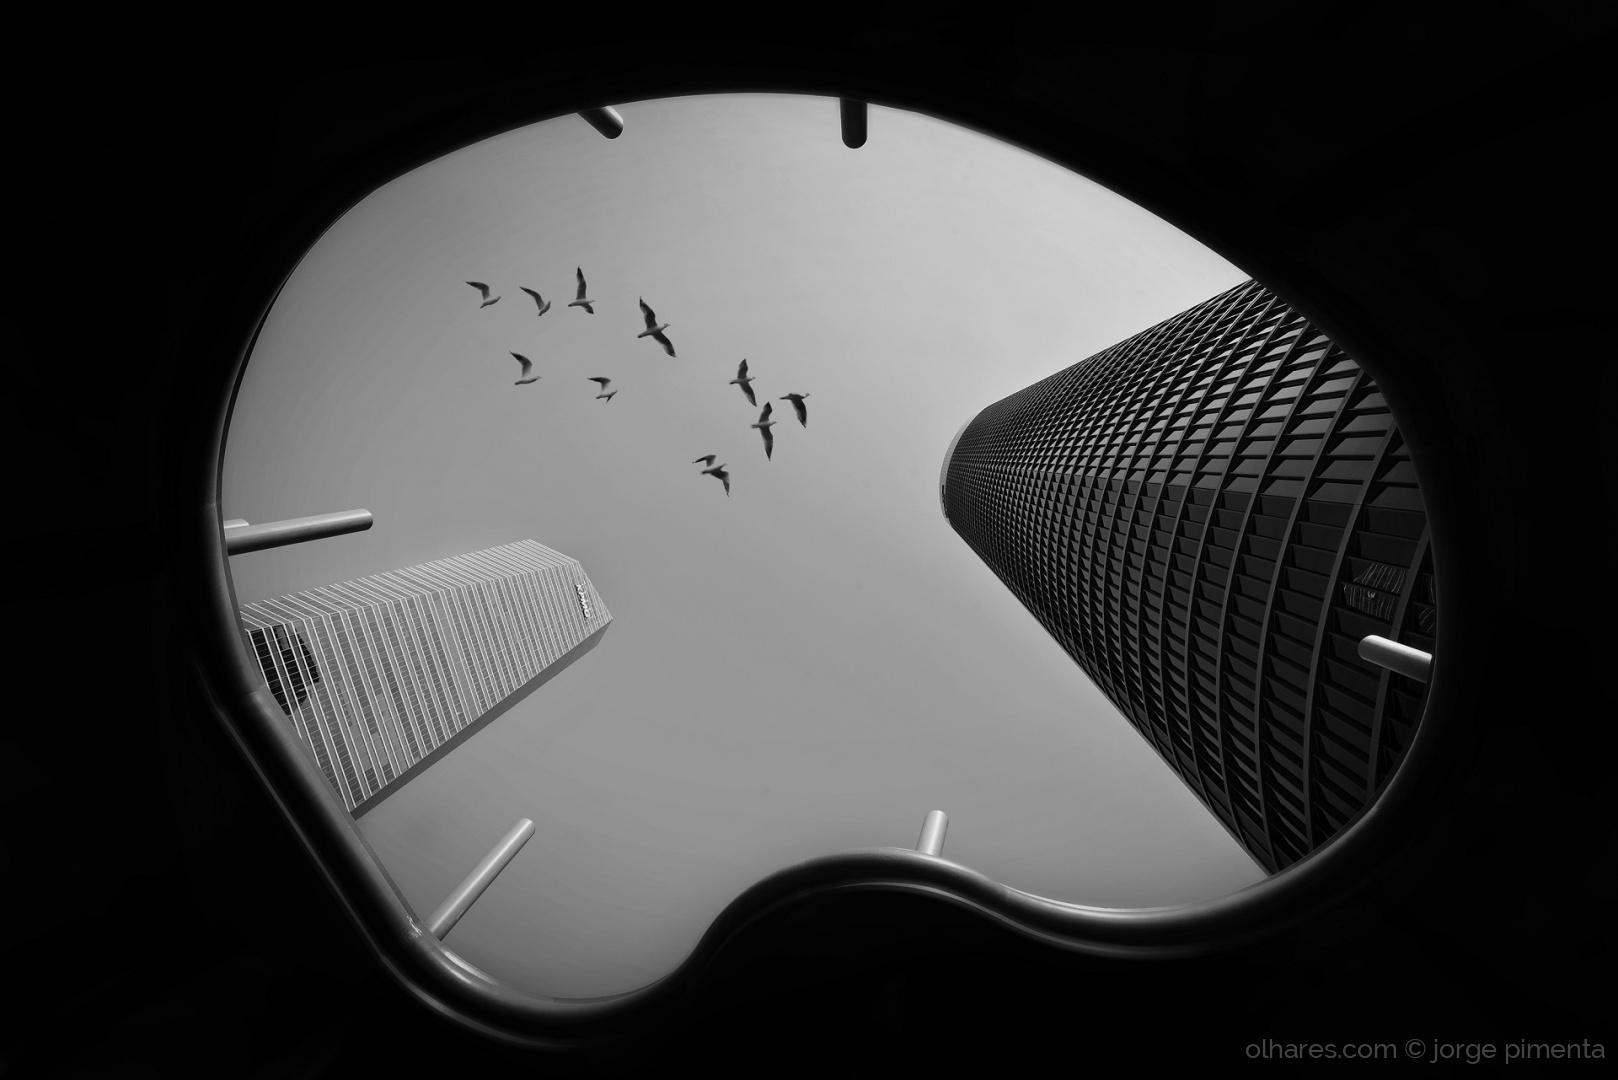 Arquitetura/Sintaxe de urgências impossíveis